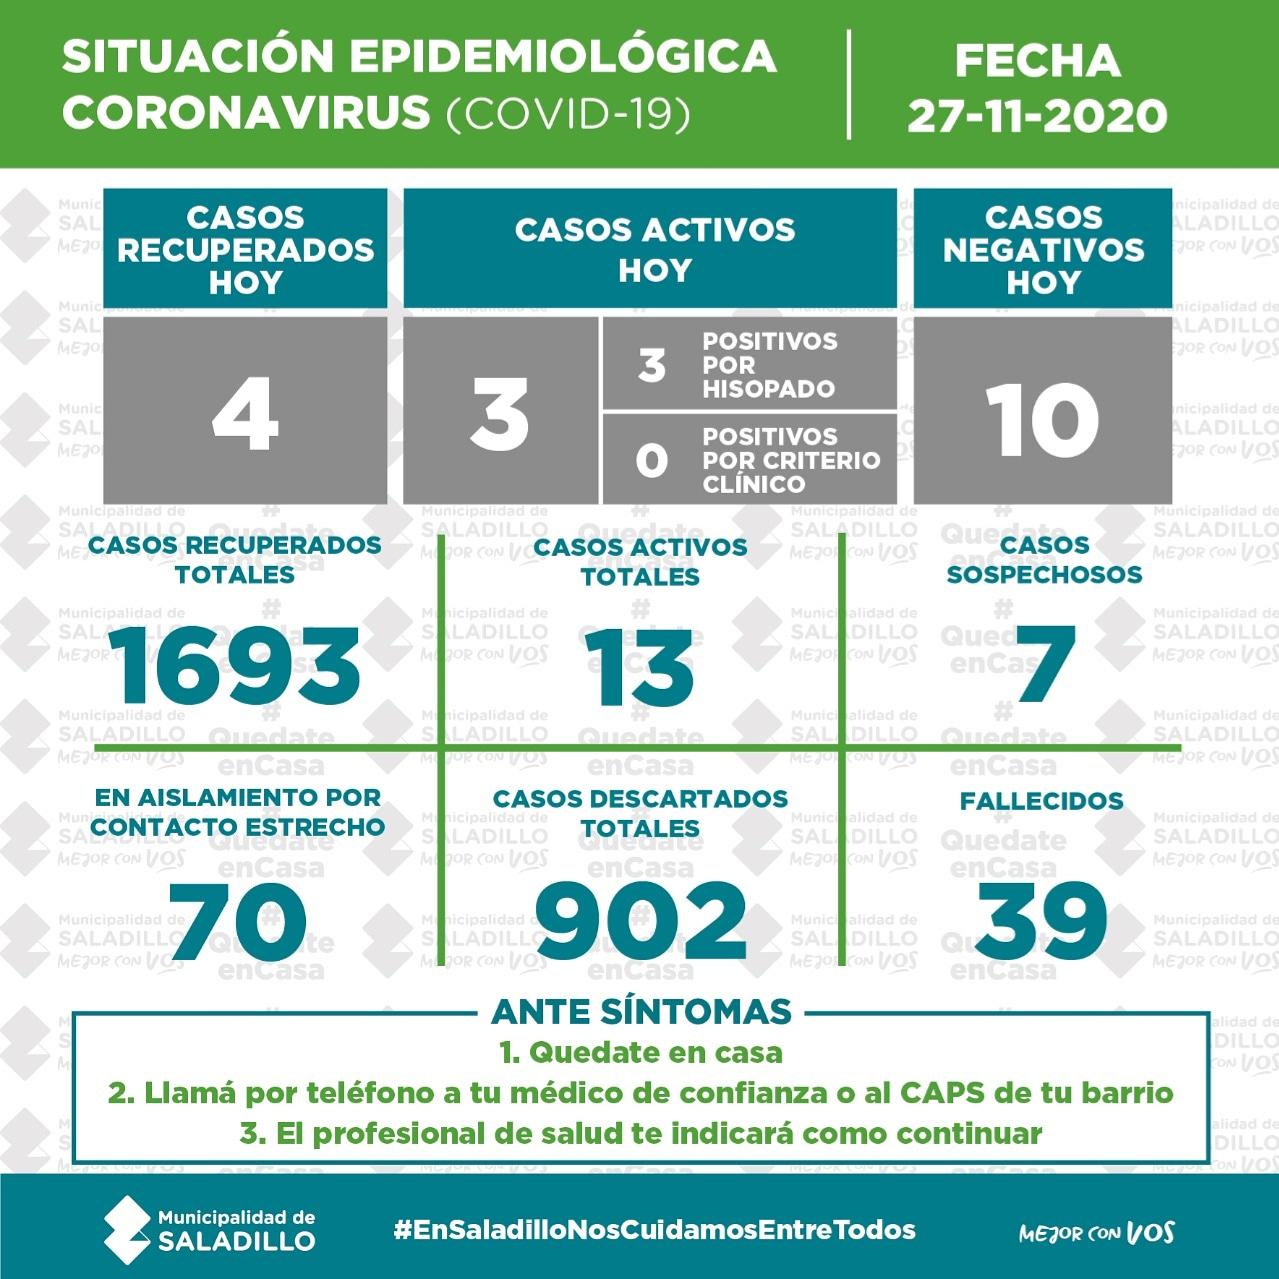 *SITUACIÓN EPIDEMIOLÓGICA EN SALADILLO al 27/11/2020*